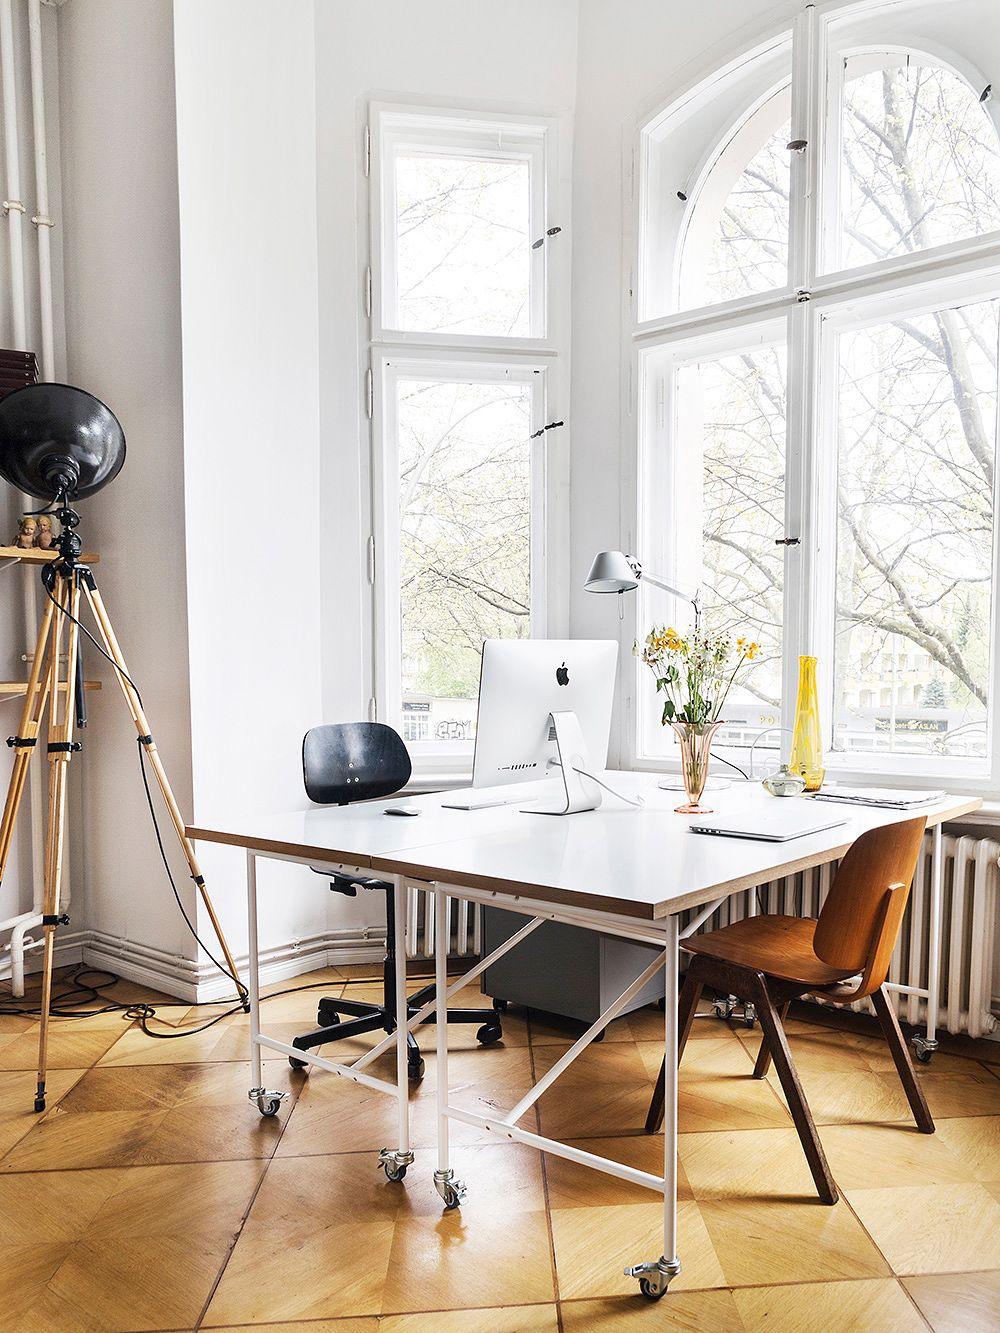 Kolmio Kreutzbergissä   Design Stories